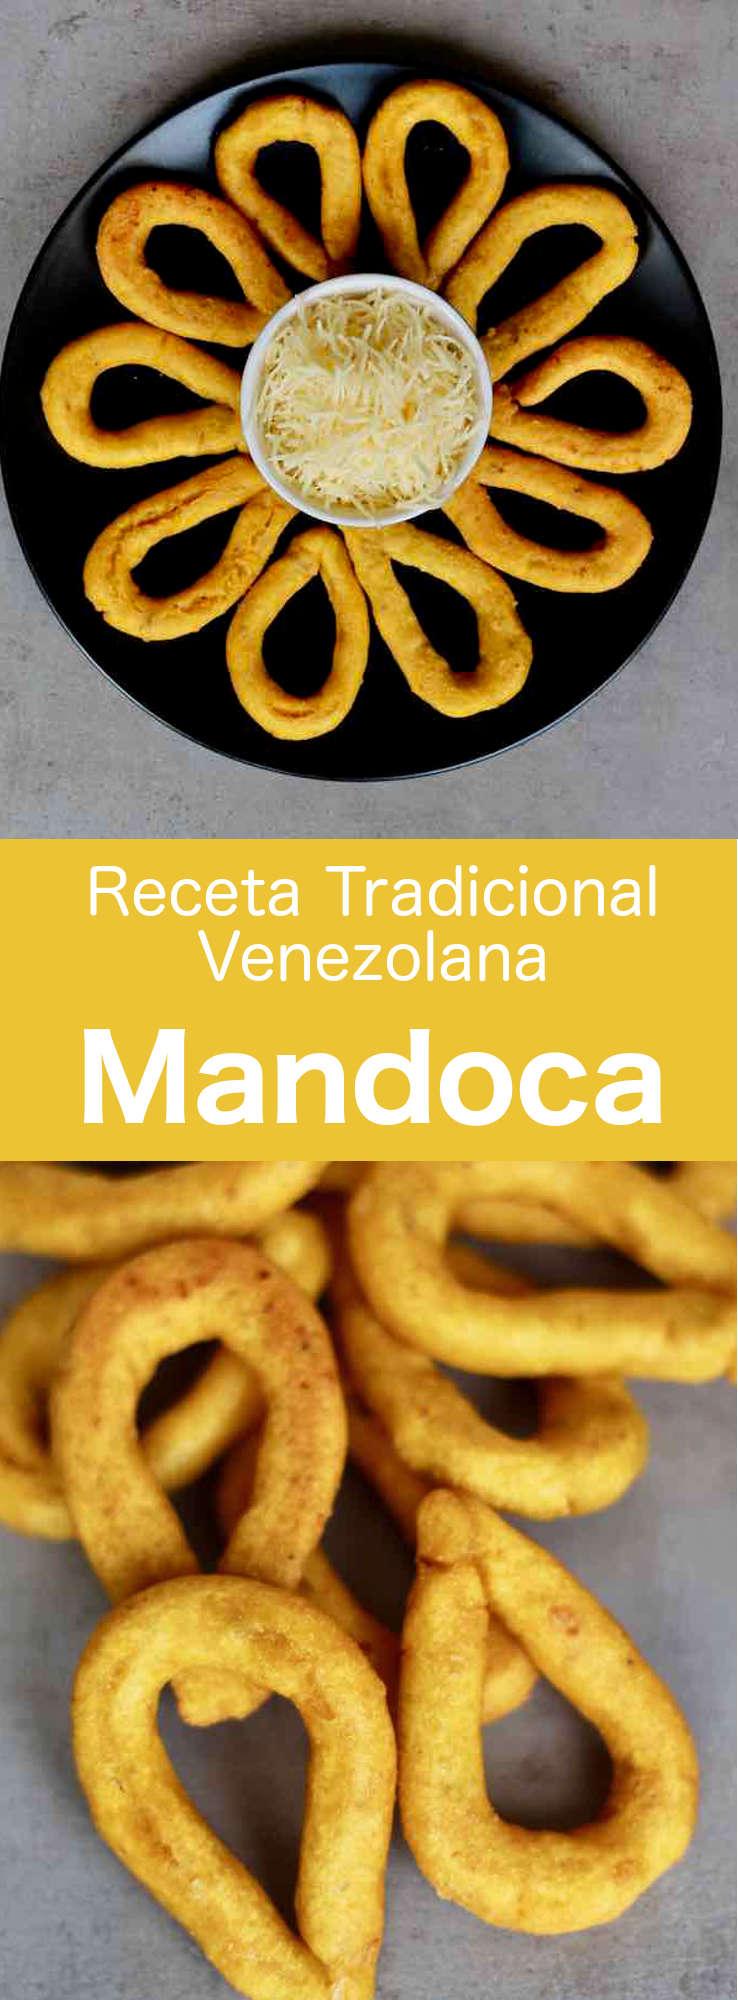 Una mandoca es una rosquilla típica venezolana en forma de lágrima del estado Zulia. Hecha de una mezcla de harina de maíz, panela, plátano maduro y queso rallado, a menudo, se sirve para el desayuno.